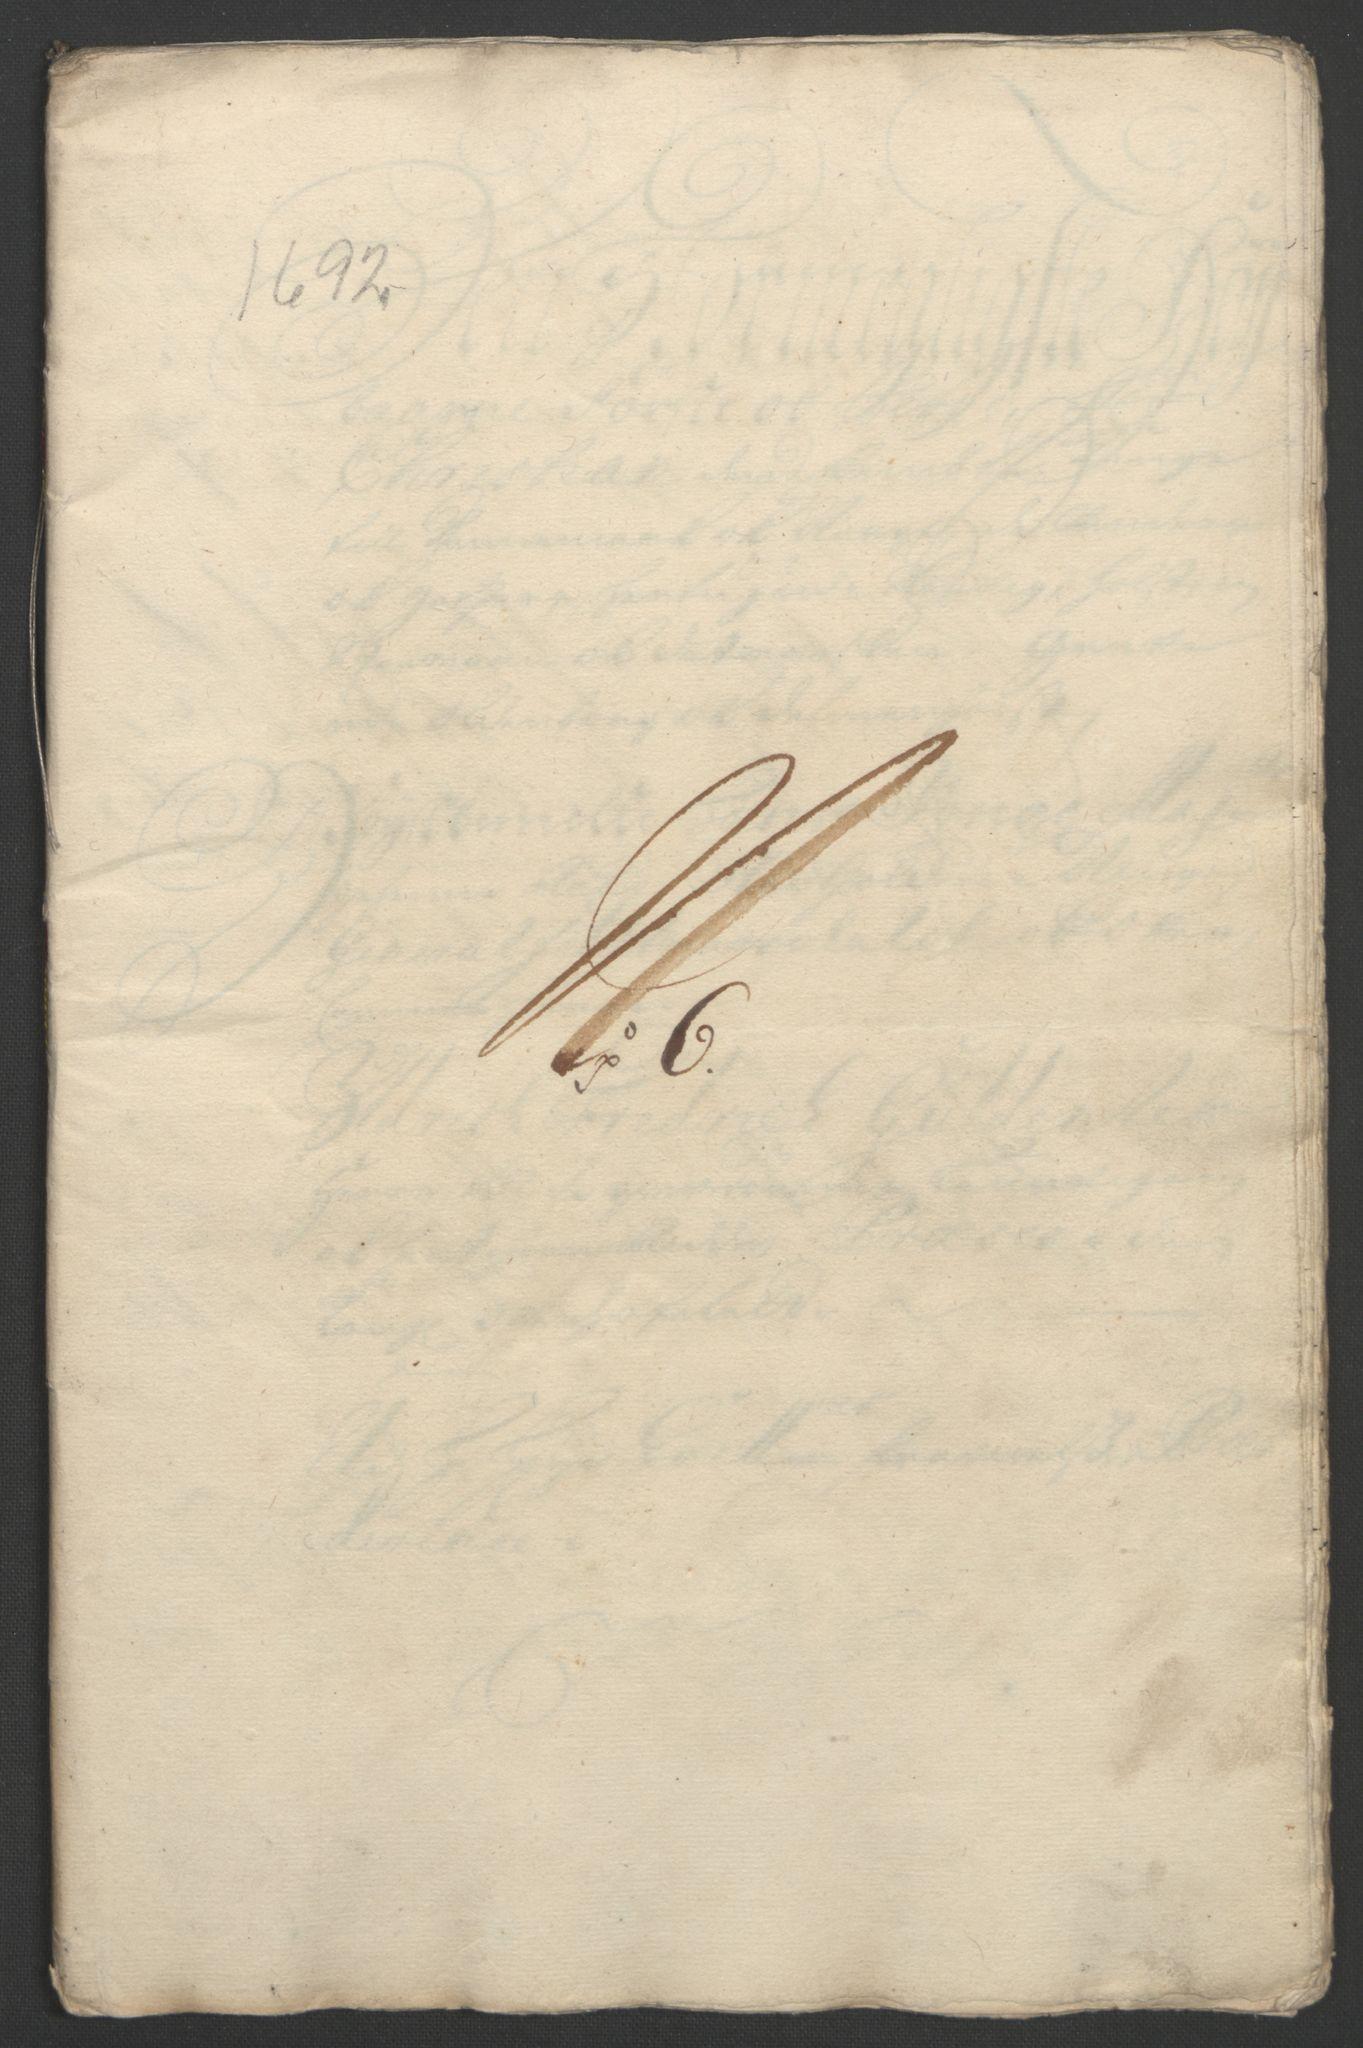 RA, Rentekammeret inntil 1814, Reviderte regnskaper, Fogderegnskap, R11/L0577: Fogderegnskap Nedre Romerike, 1692, s. 276